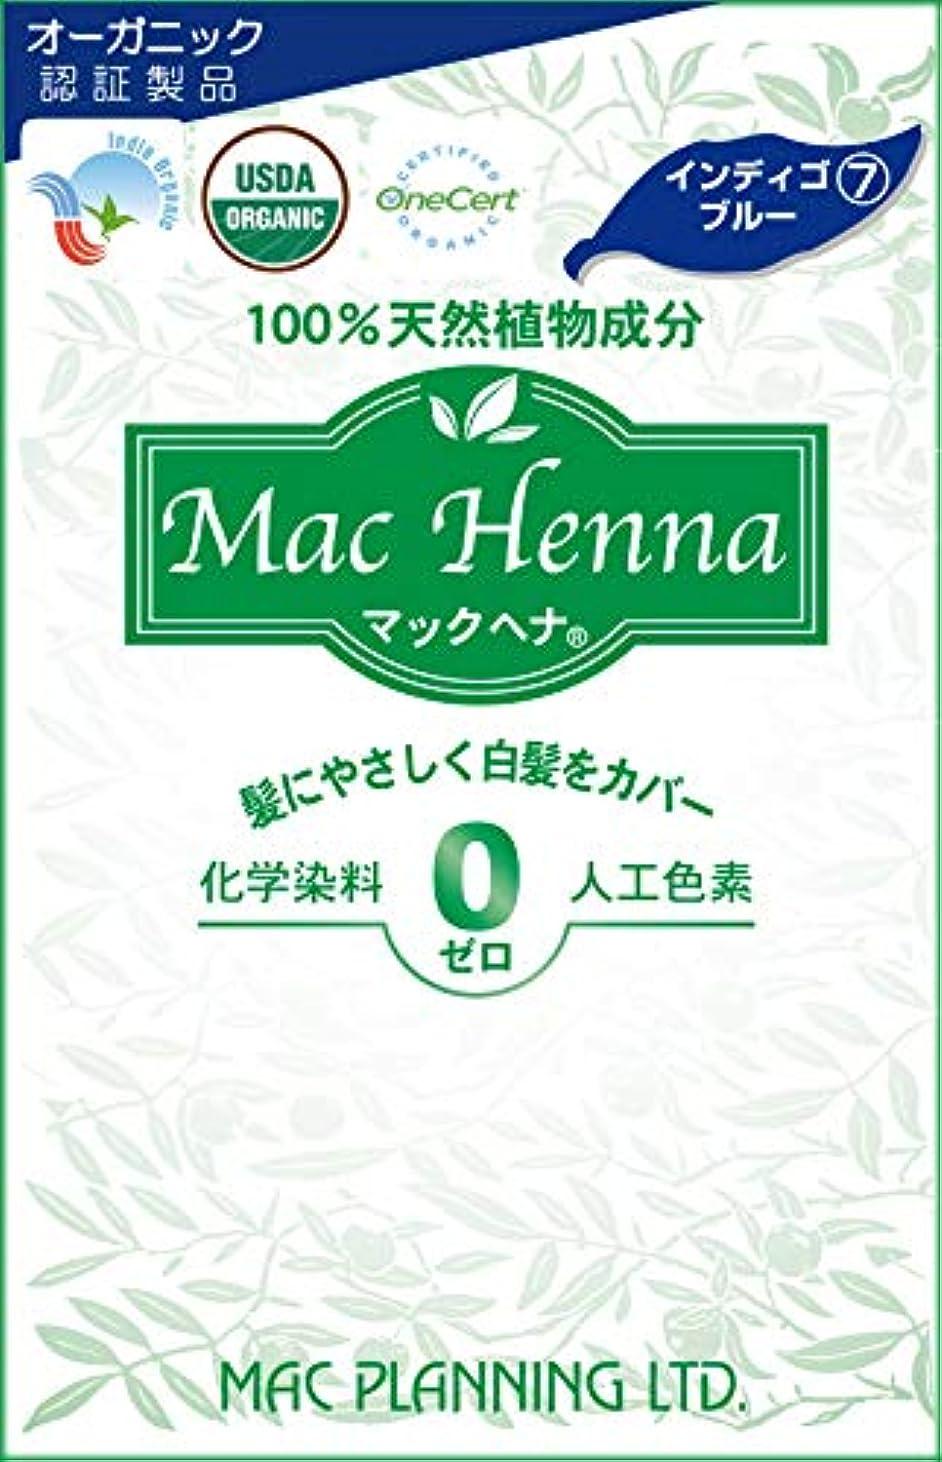 視聴者傷つきやすい後方マックヘナ インディゴブルー50g+50g(インディゴ100%) 100%天然